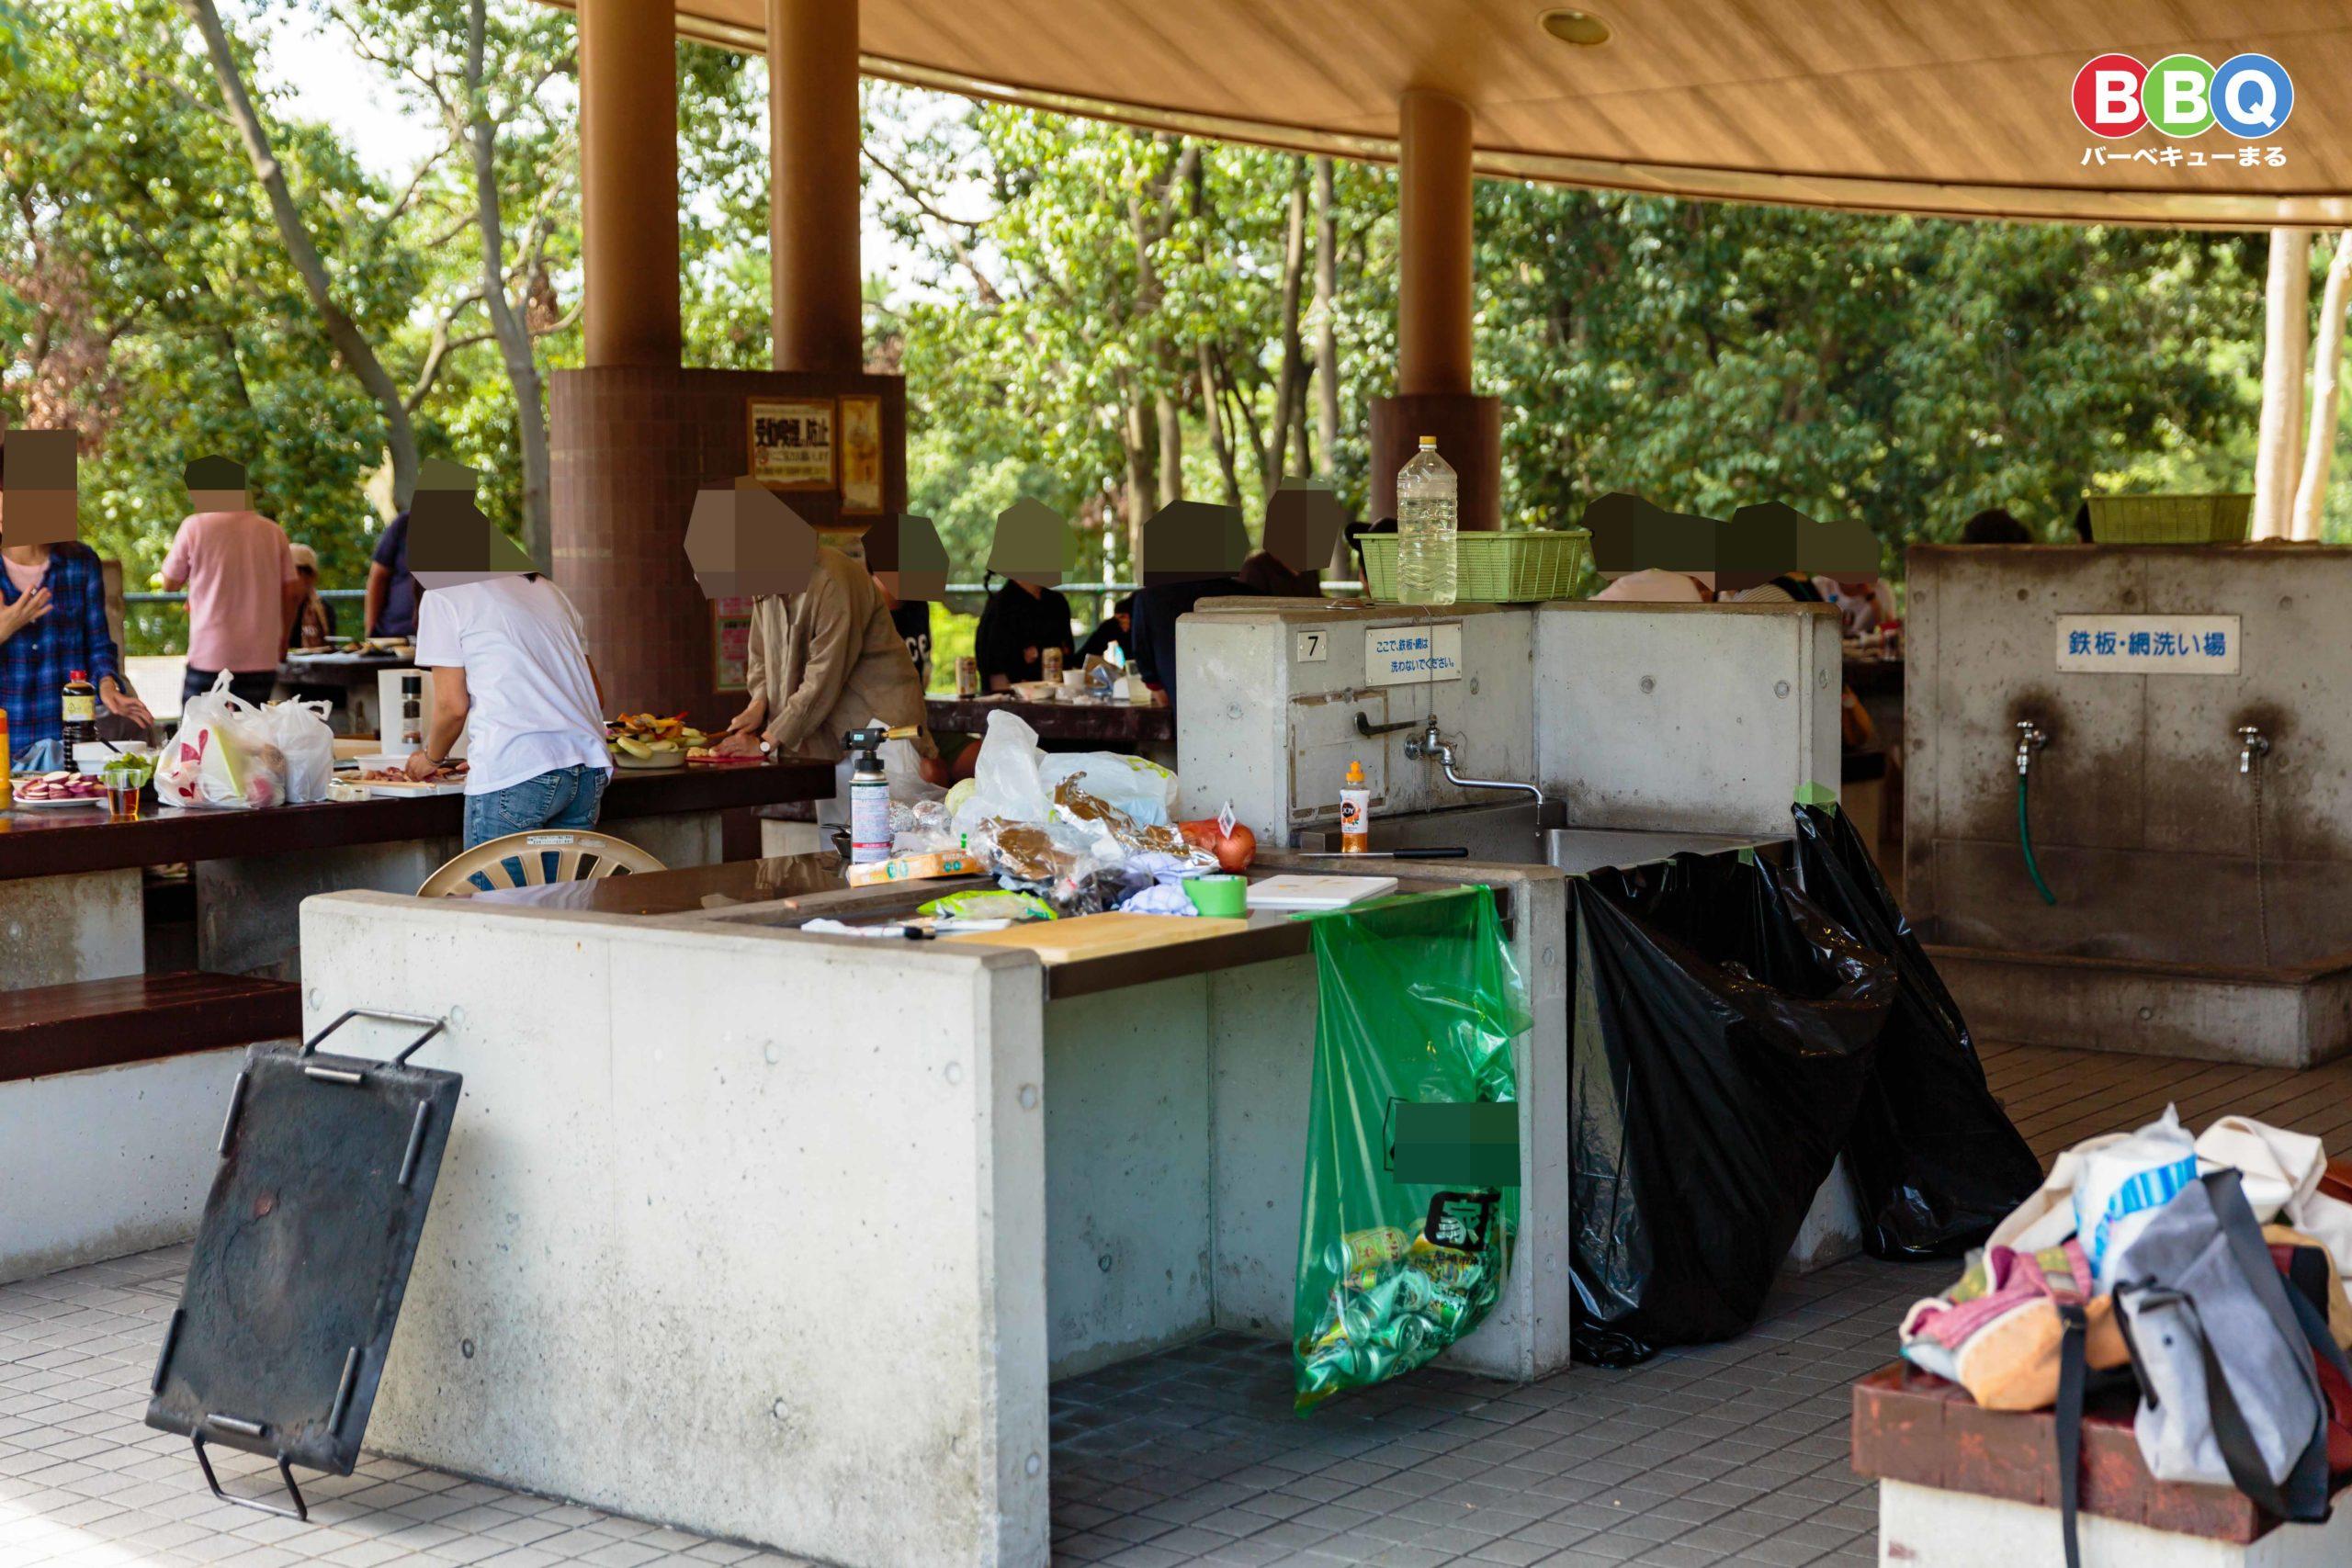 服部緑地バーベックマルシェ屋内常設席の調理場